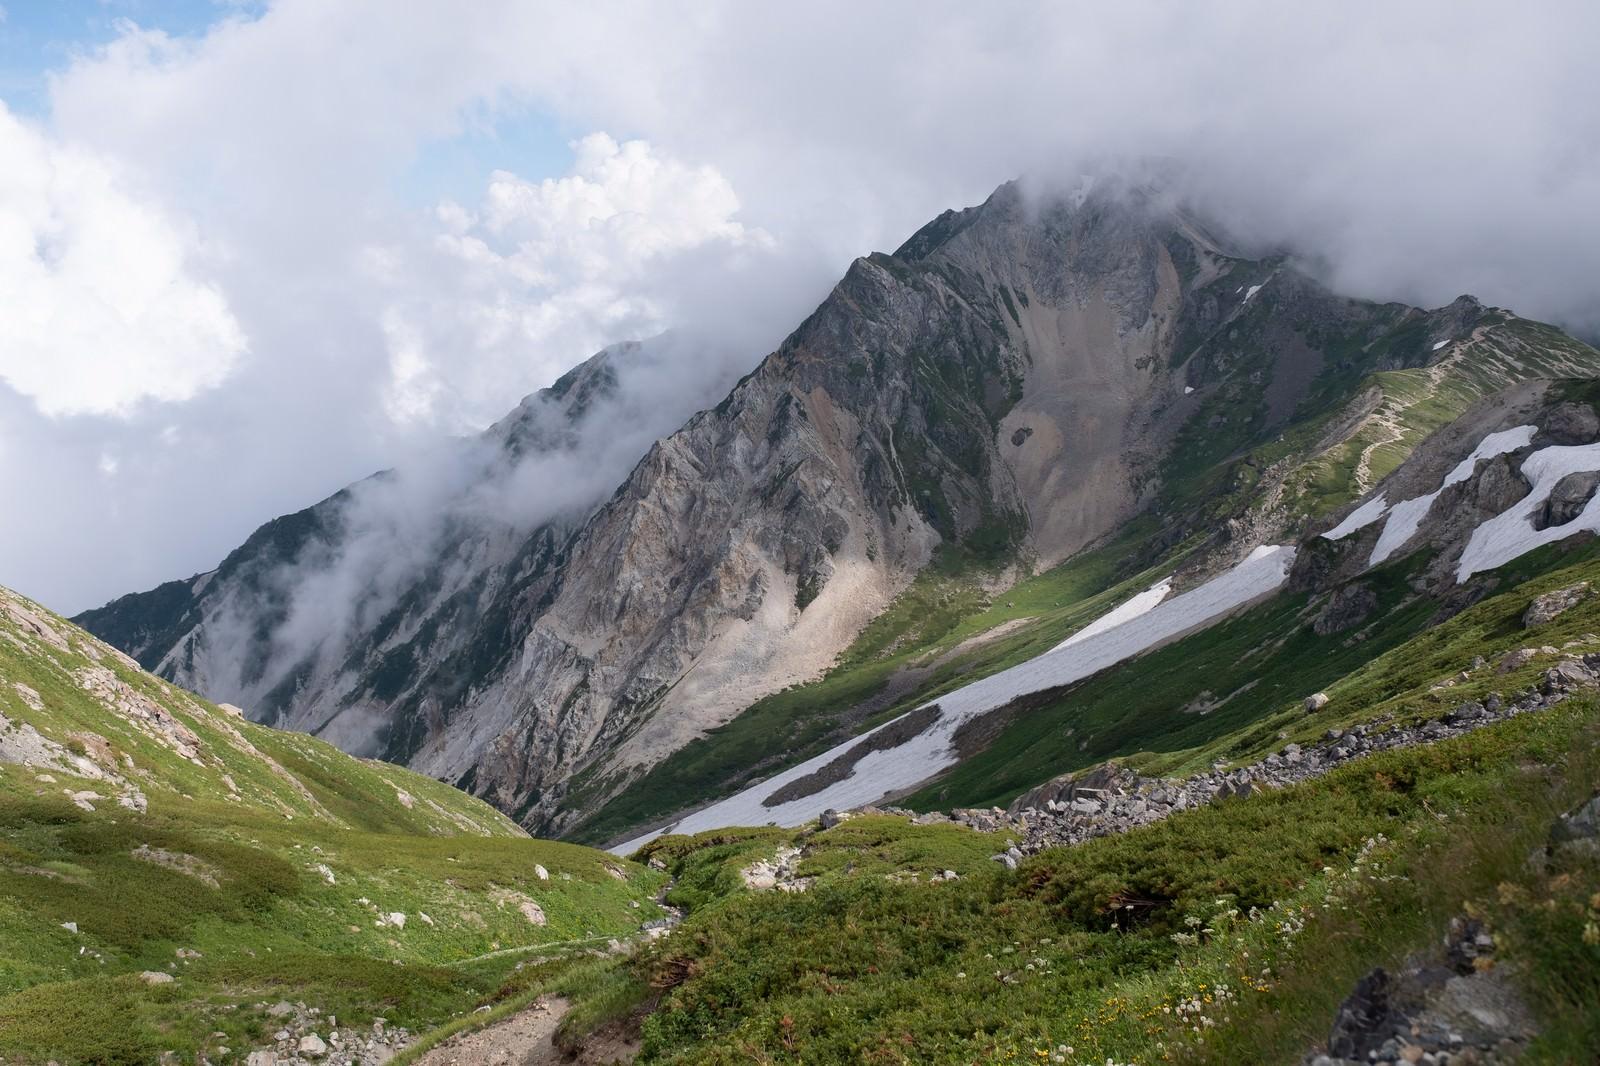 「白馬岳(しろうまだけ)の雪渓と沸き立つ雲間に見える山々(白馬岳) | 写真の無料素材・フリー素材 - ぱくたそ」の写真